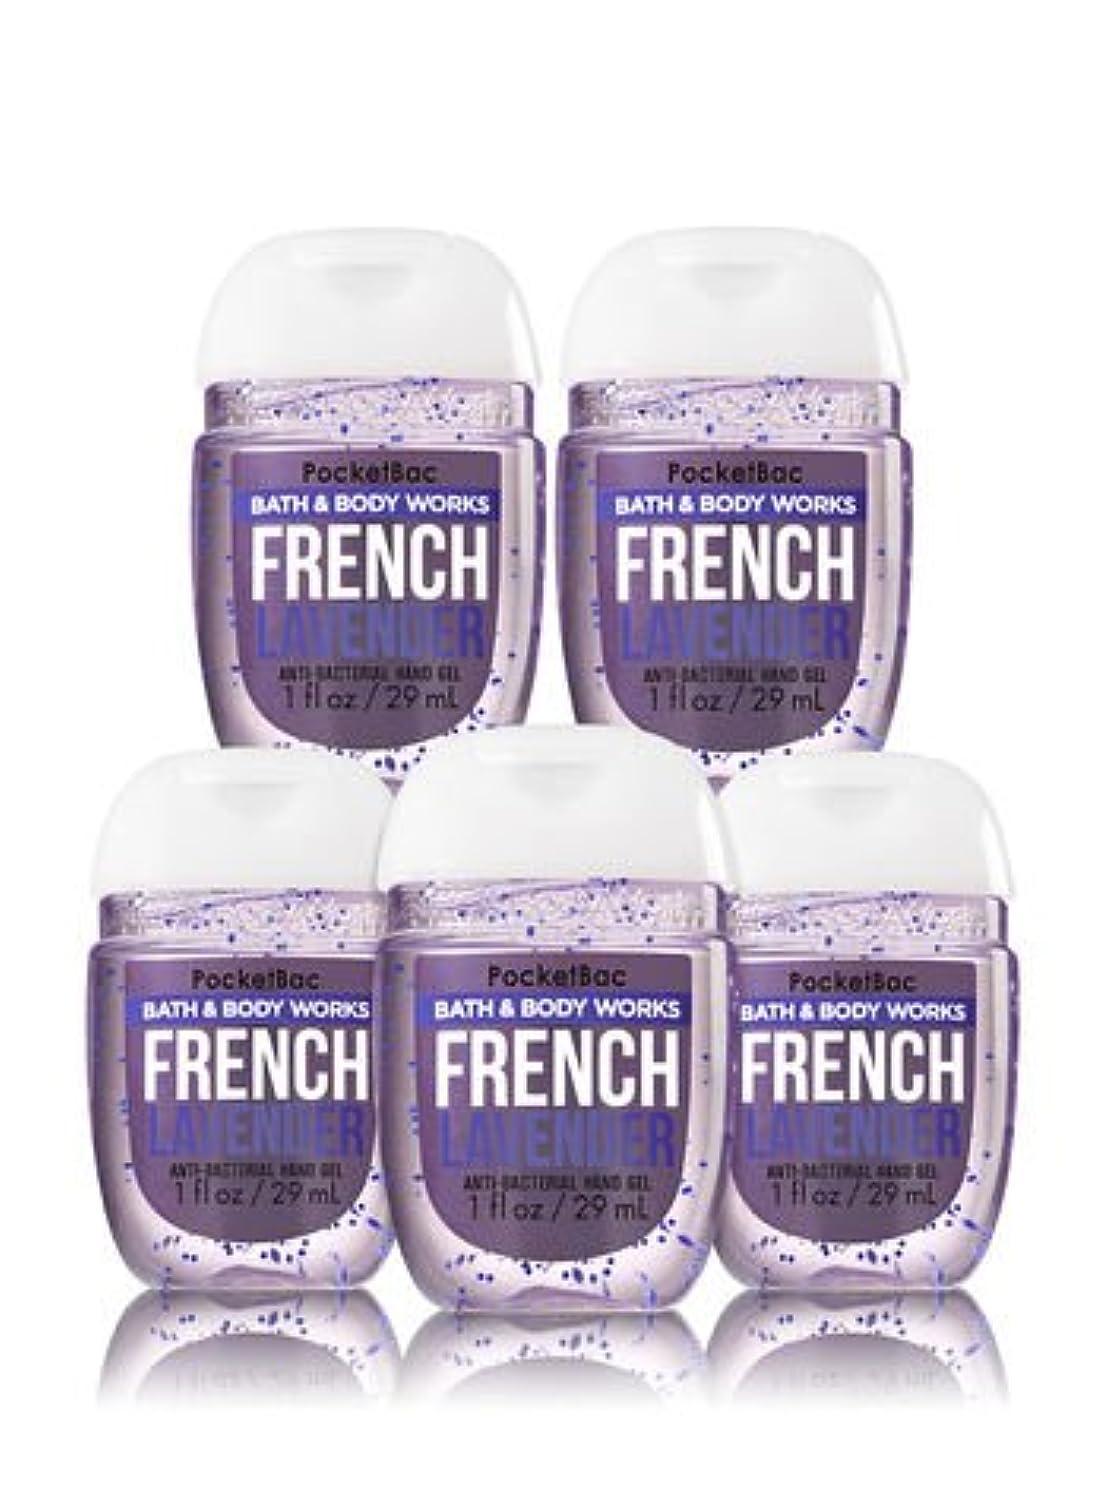 高くベッツィトロットウッド意志【Bath&Body Works/バス&ボディワークス】 抗菌ハンドジェル 5個セット フレンチラベンダー French Lavender PocketBac Hand Sanitizer Bundle (5-pack) [並行輸入品]